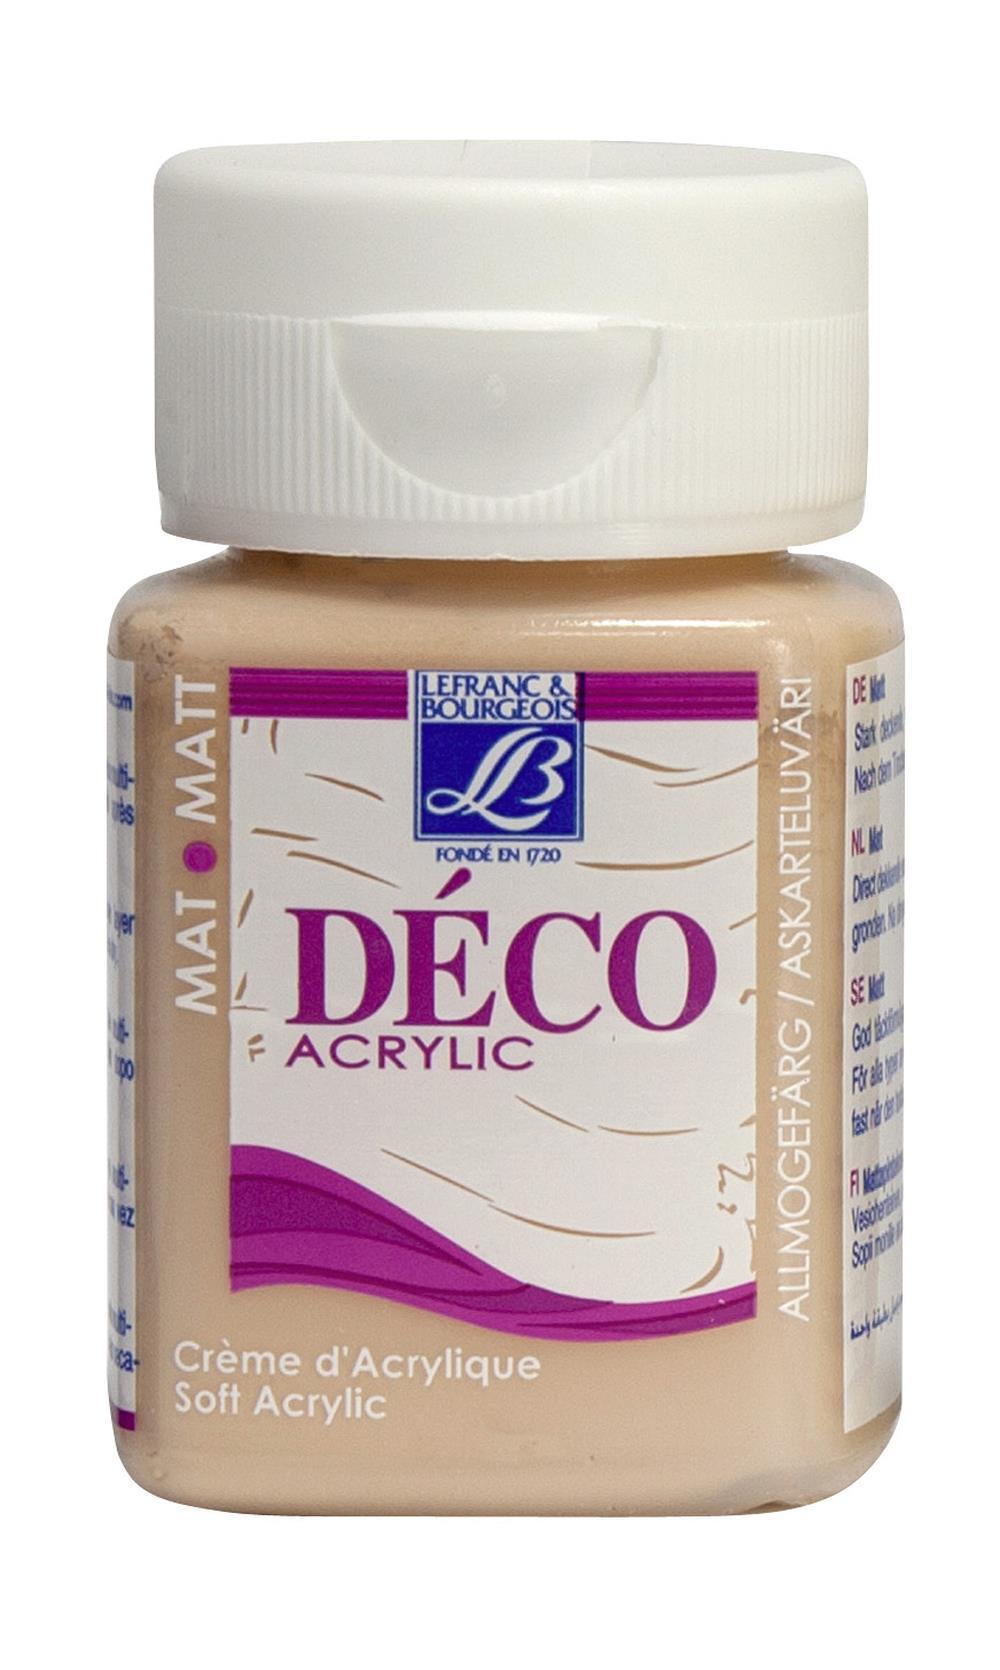 Hobbyfärg L&B Deco Matt Akryl 50ml Mango warm 884 (4F)